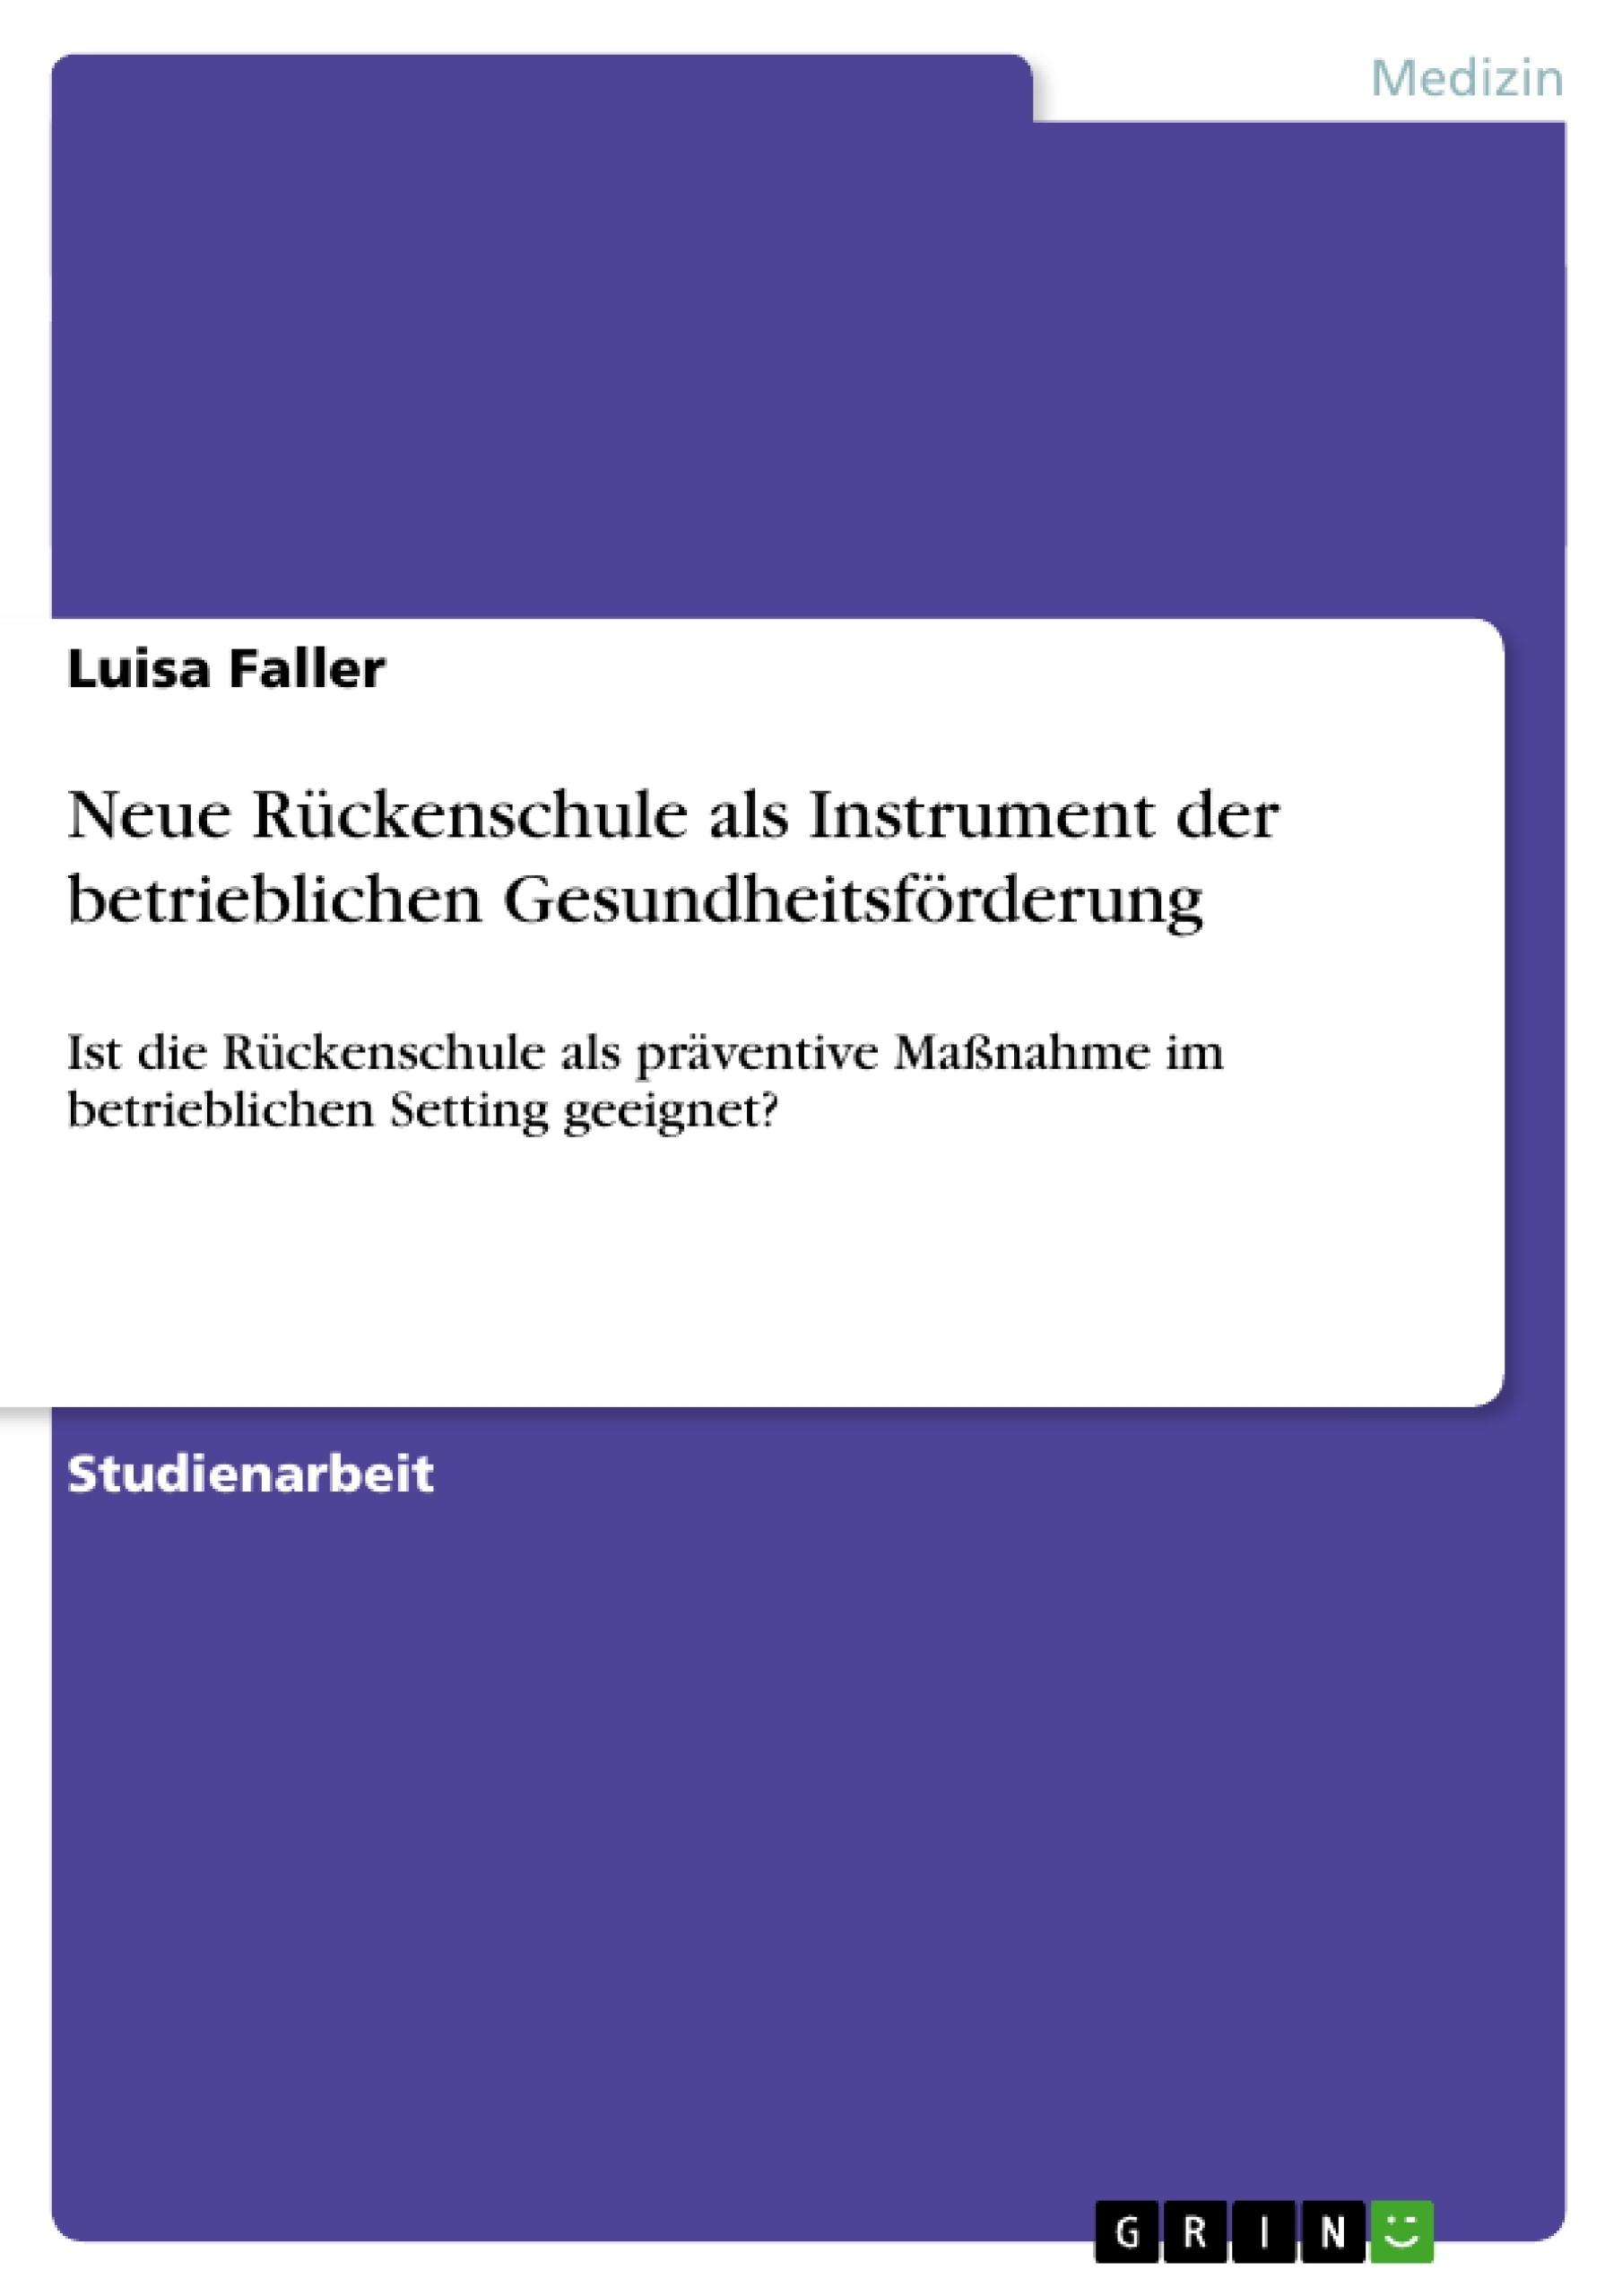 Titel: Neue Rückenschule als Instrument der betrieblichen Gesundheitsförderung